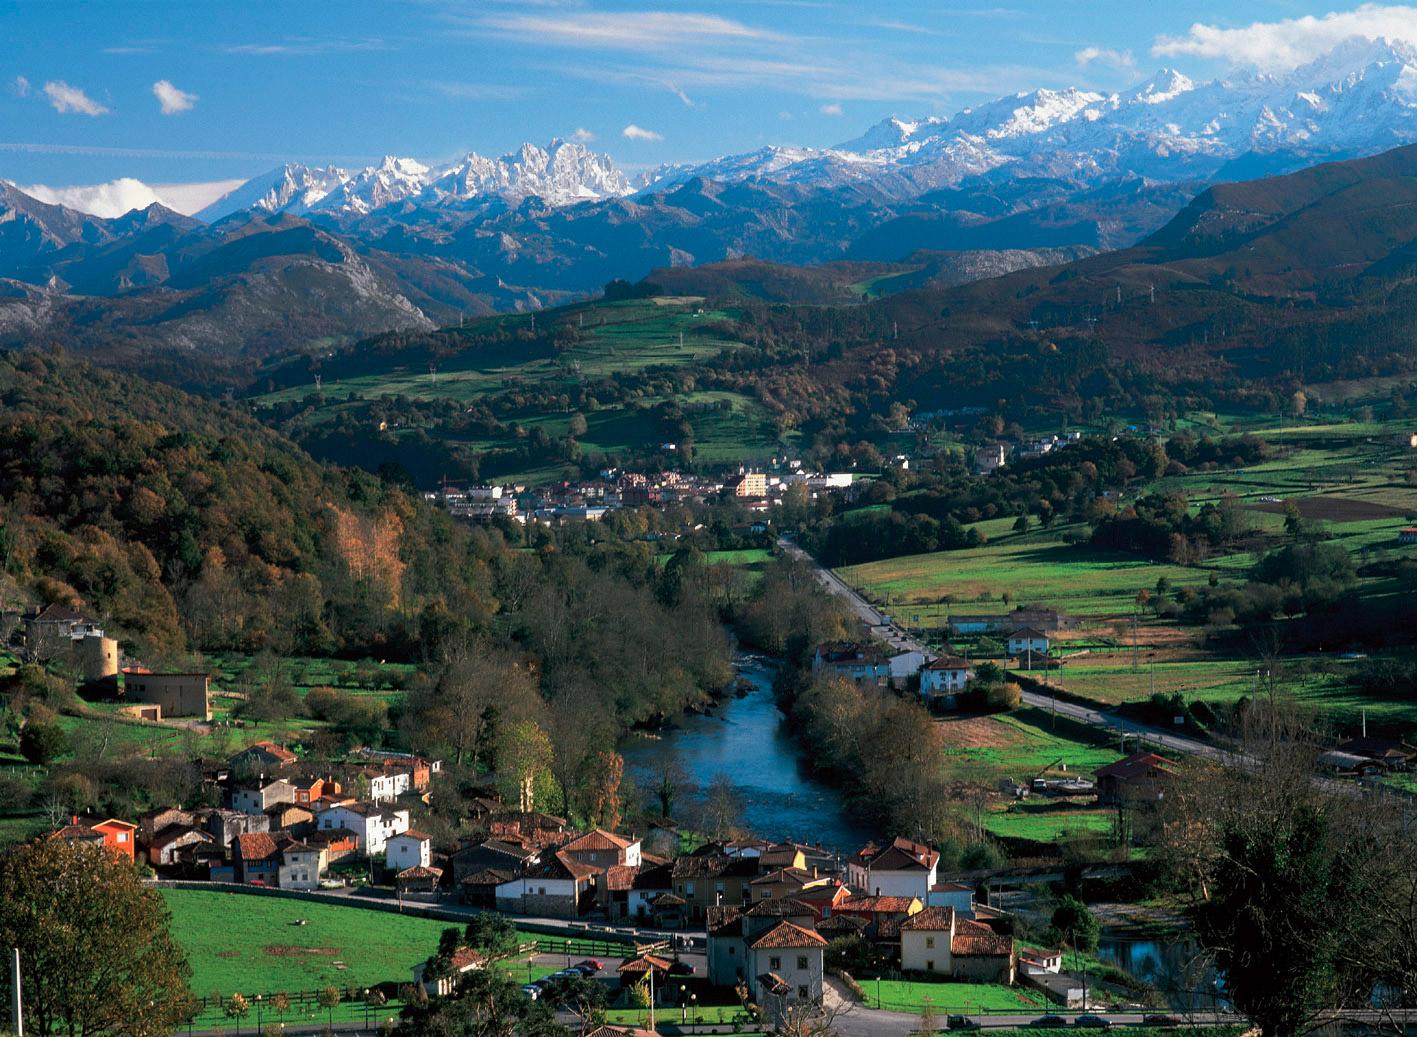 Vista de Cangas de Onís y Picos de Europa